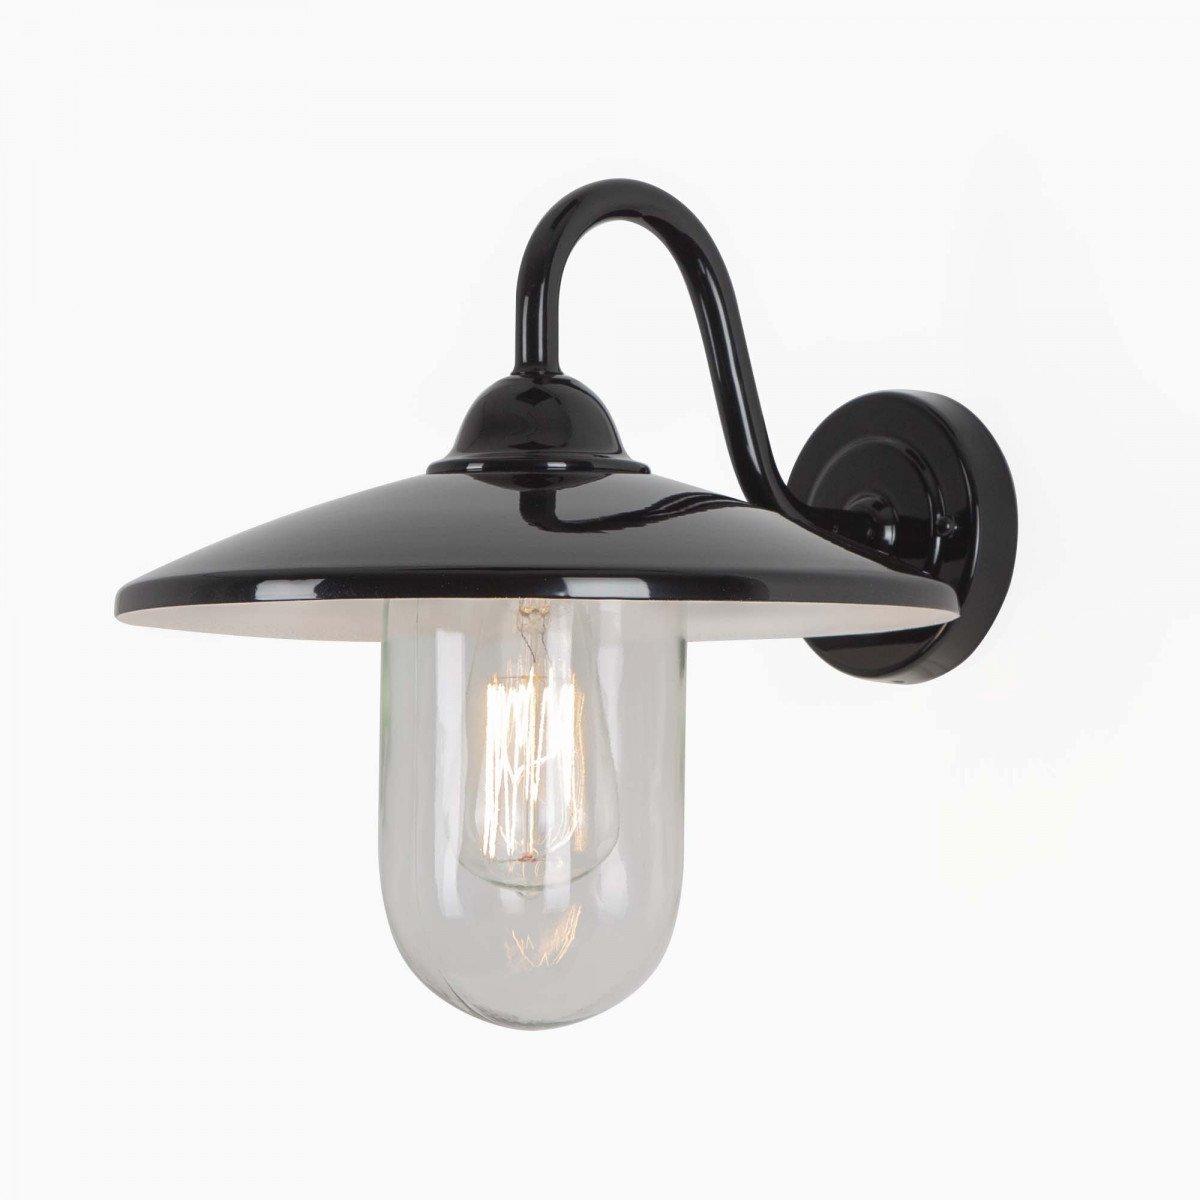 Buitenlamp Brig, hoogglans zwarte stallamp, buitenverlichting van KS Verlichting